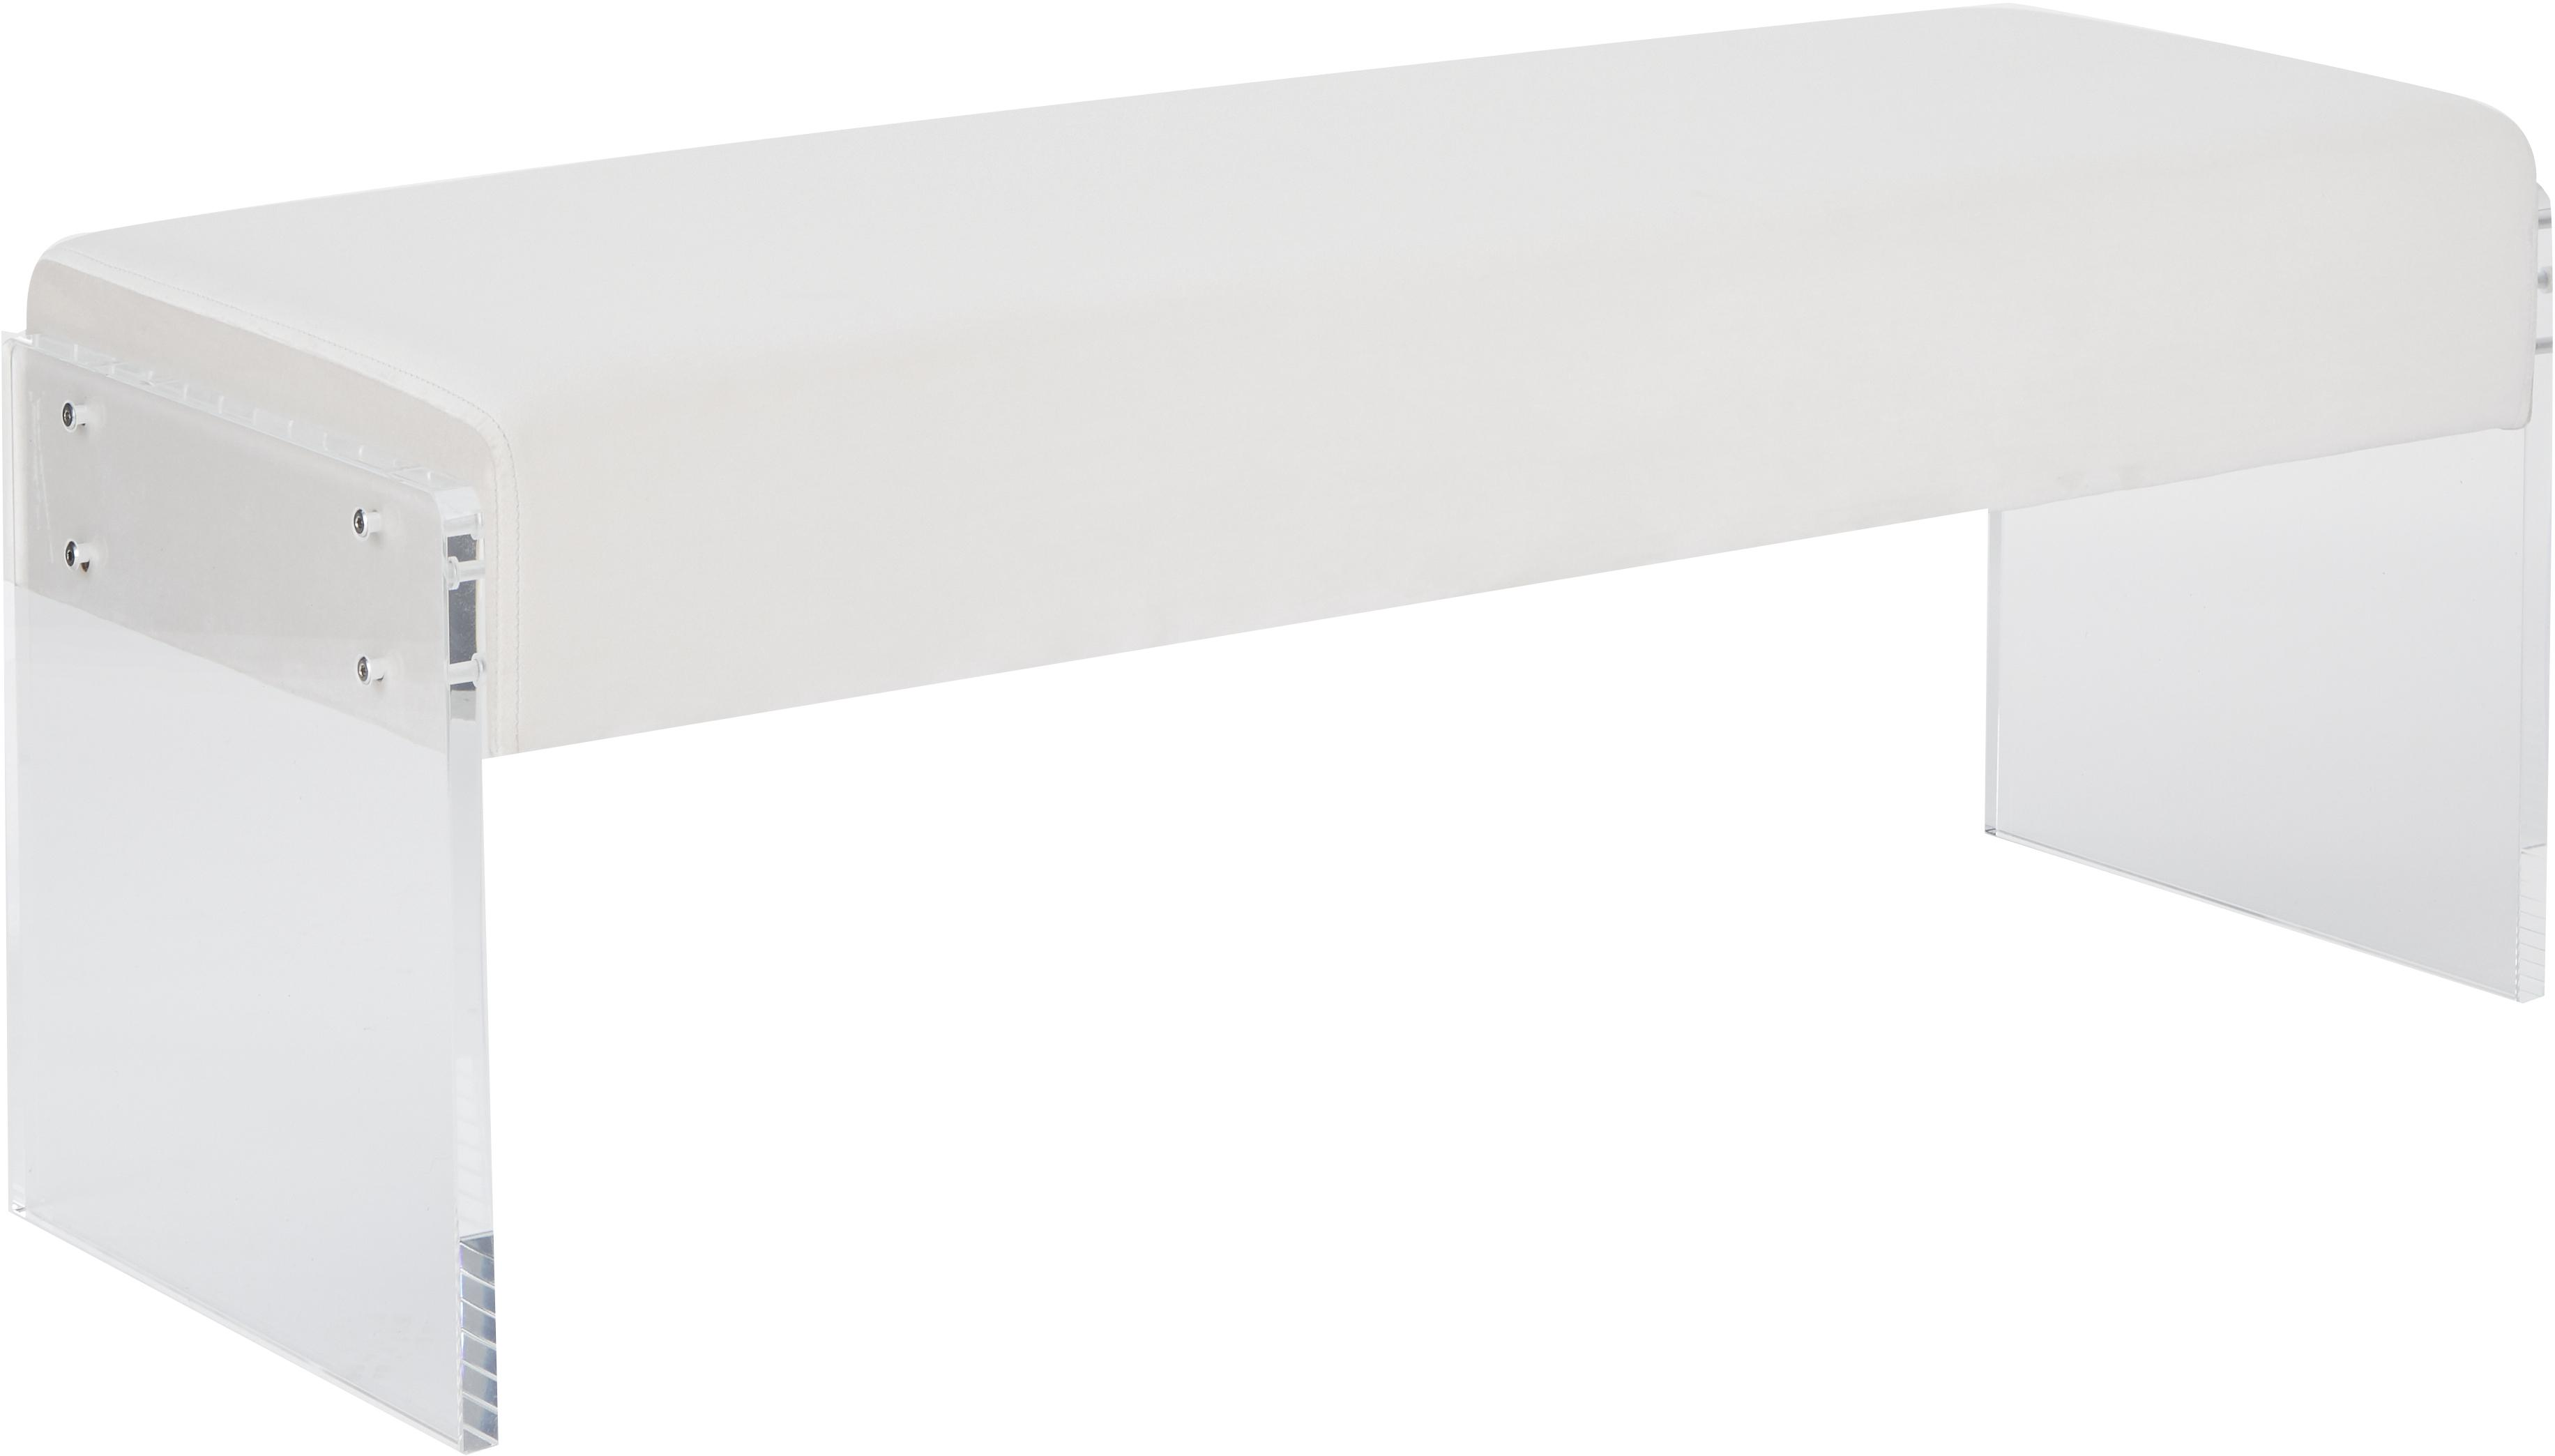 Panca in velluto Ayden, Rivestimento: velluto (poliestere) 25.0, Struttura: legno di pioppo massiccio, Gambe: vetro acrilico, Rivestimento: beige Struttura: trasparente, Larg. 116 x Alt. 43 cm